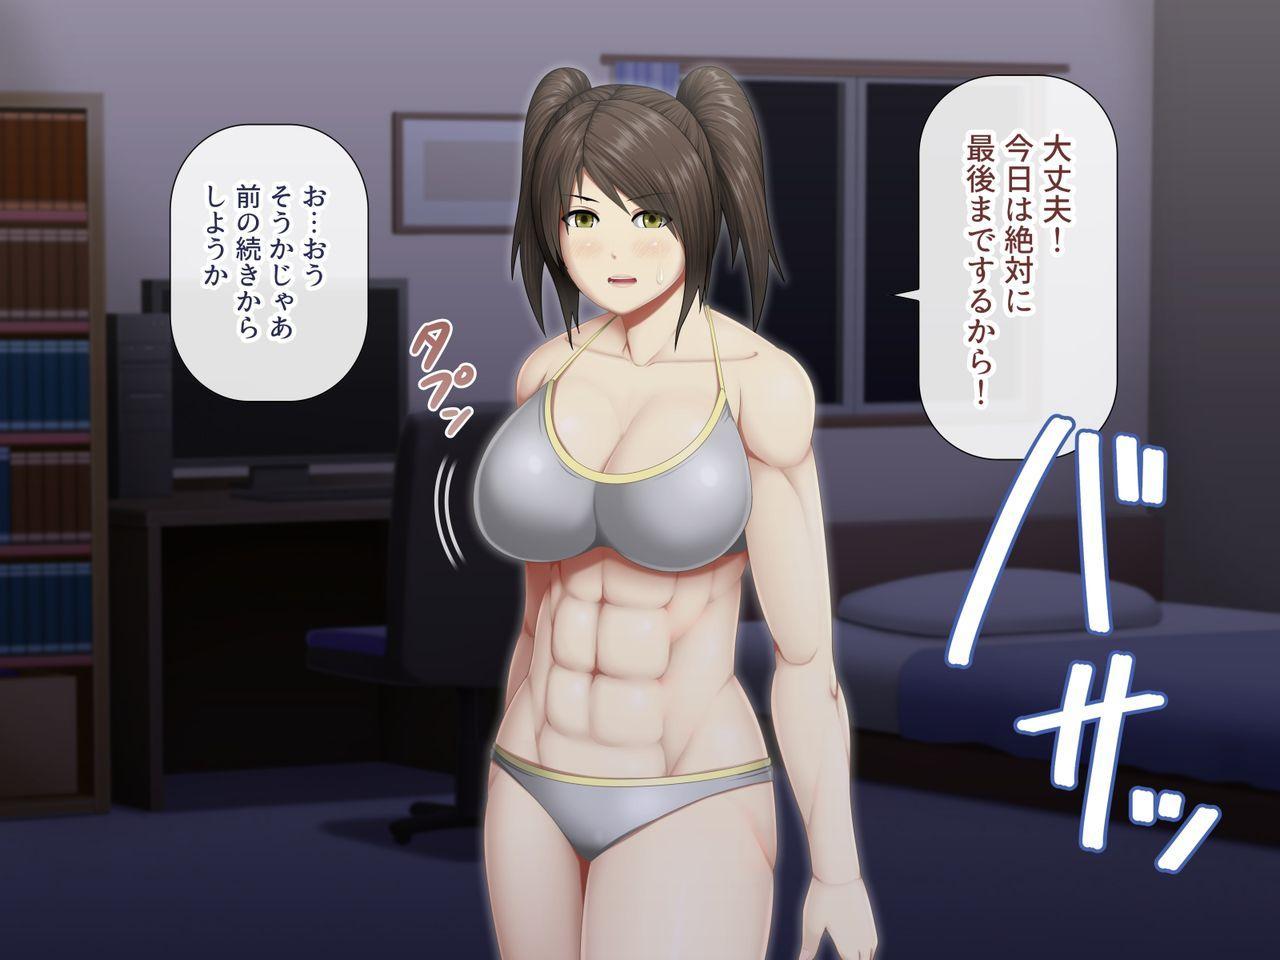 Uchiki na Jyumai ga Ore no Tame ni Karada o Kitaeta Kekka 25